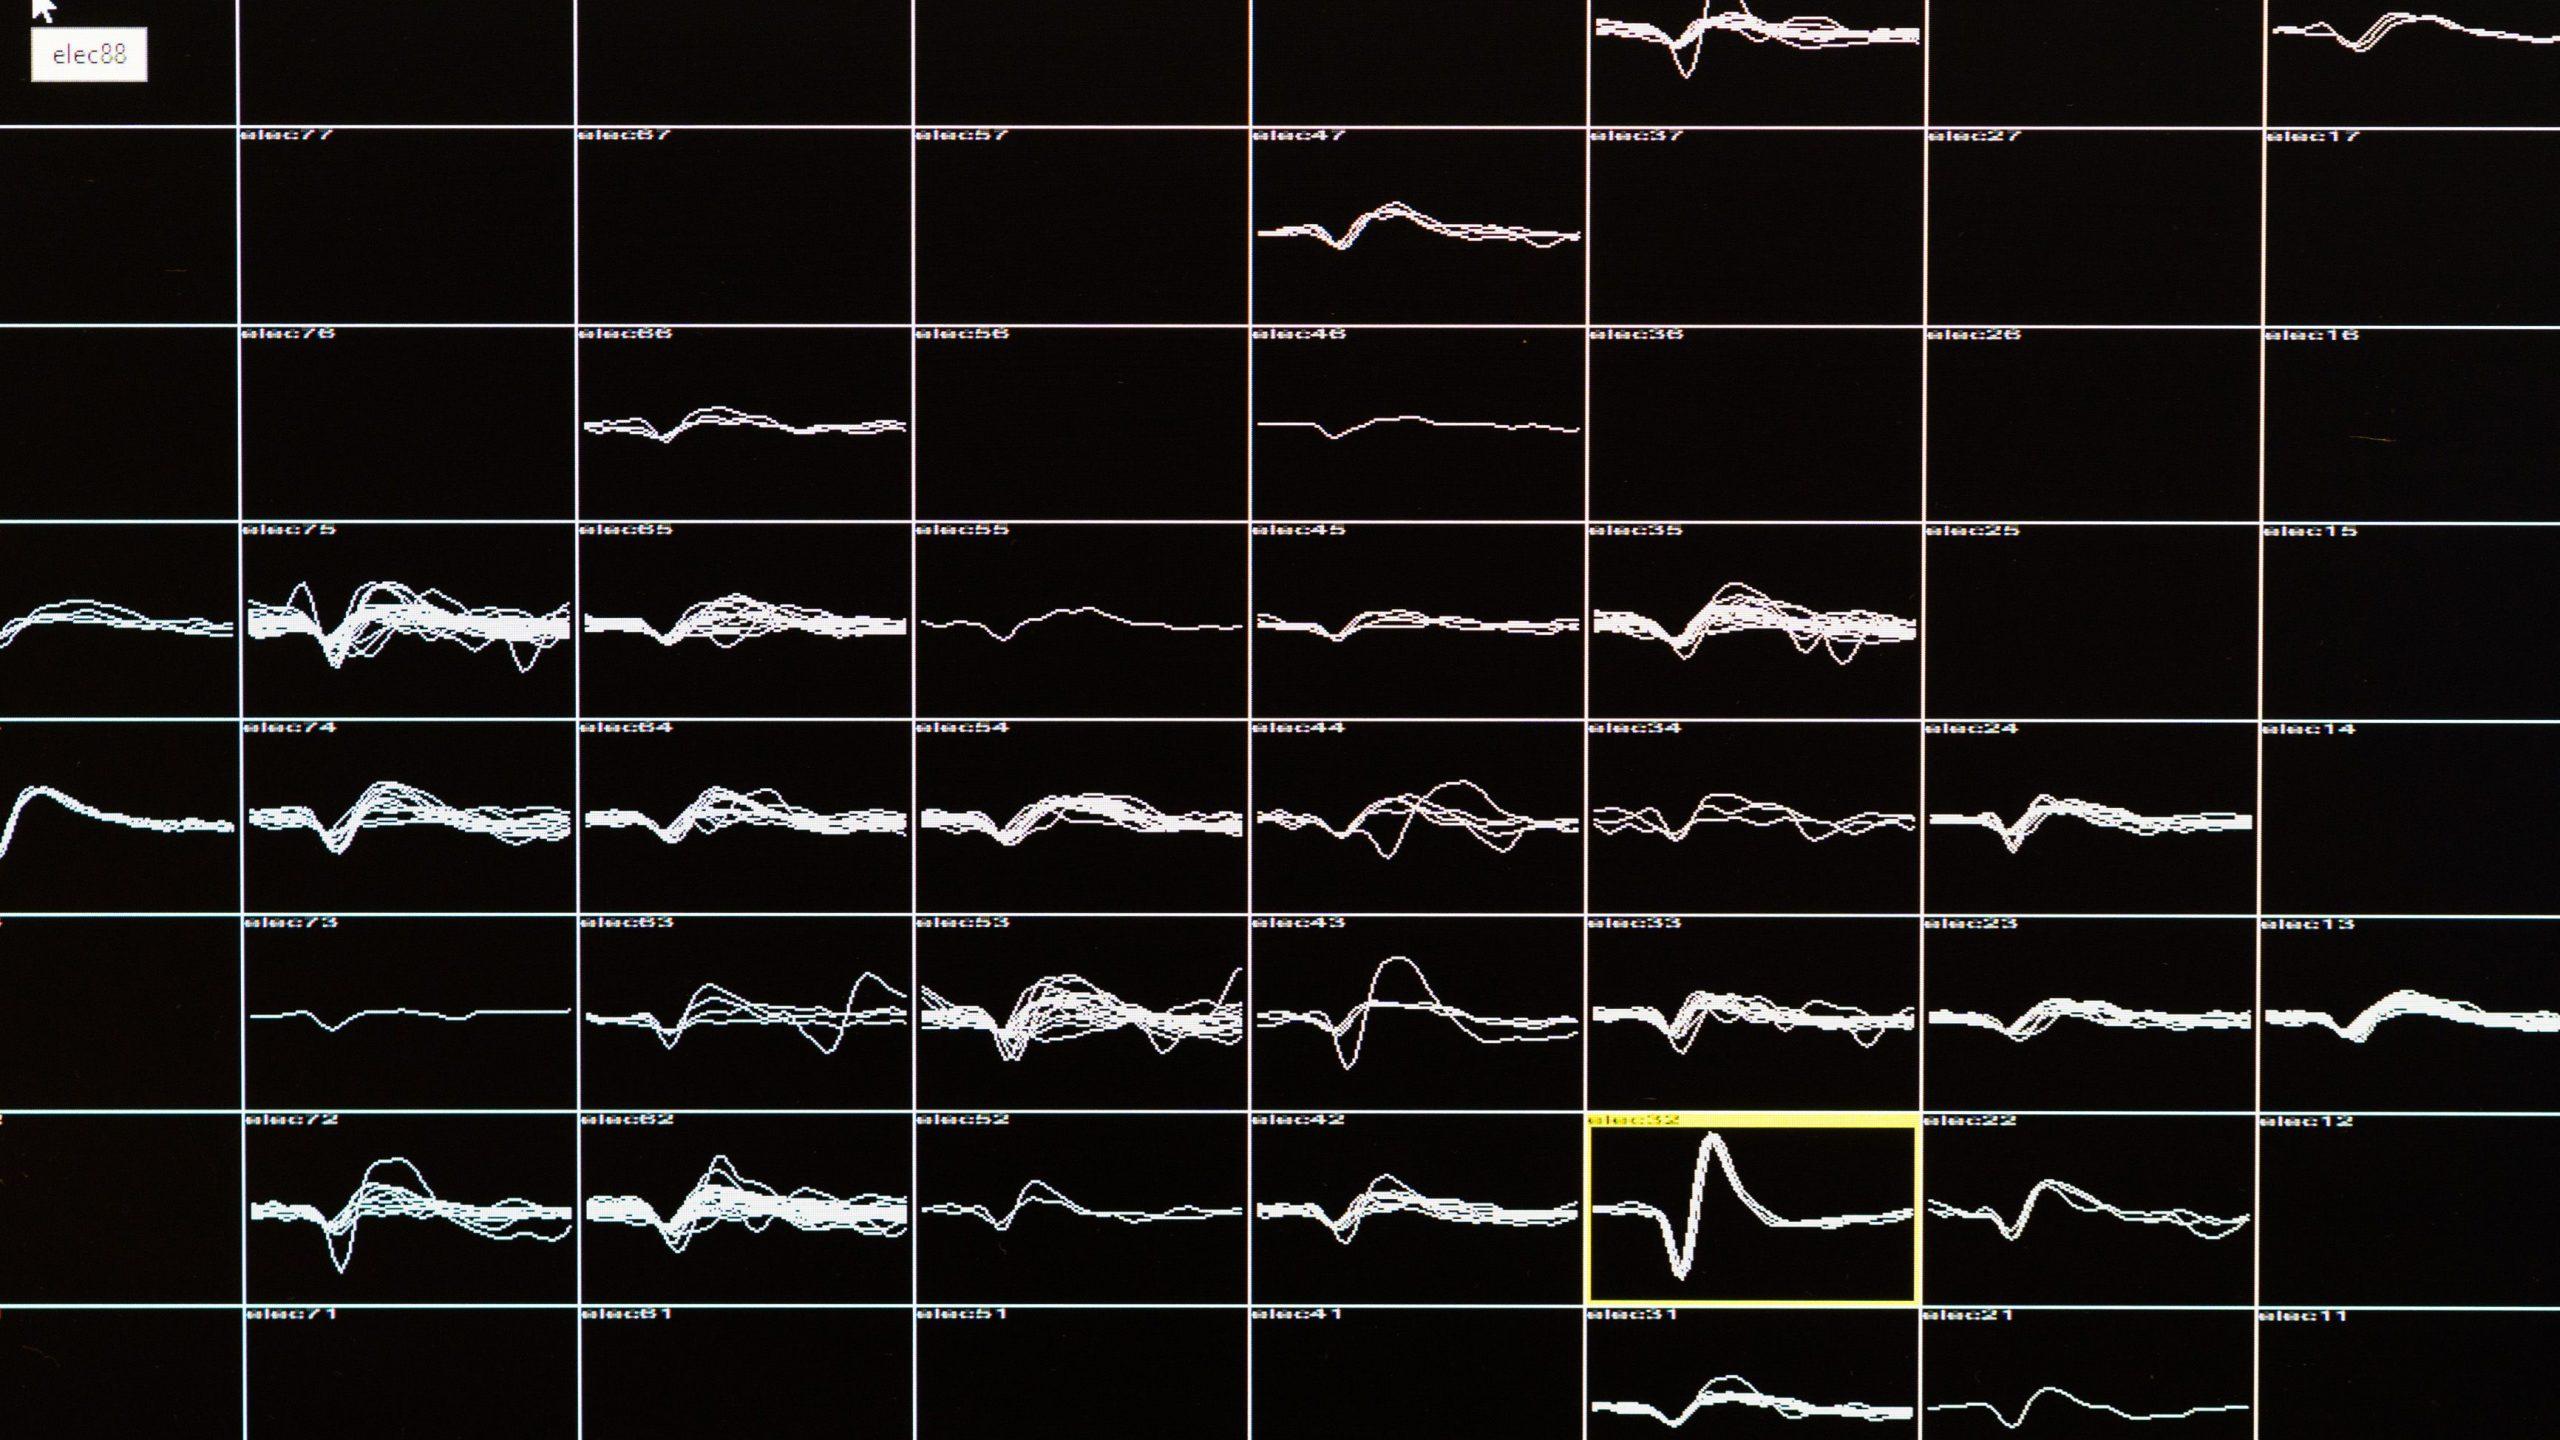 カメラ映像を脳に直接送信、 16年間失っていた視力を 取り戻したテクノロジー